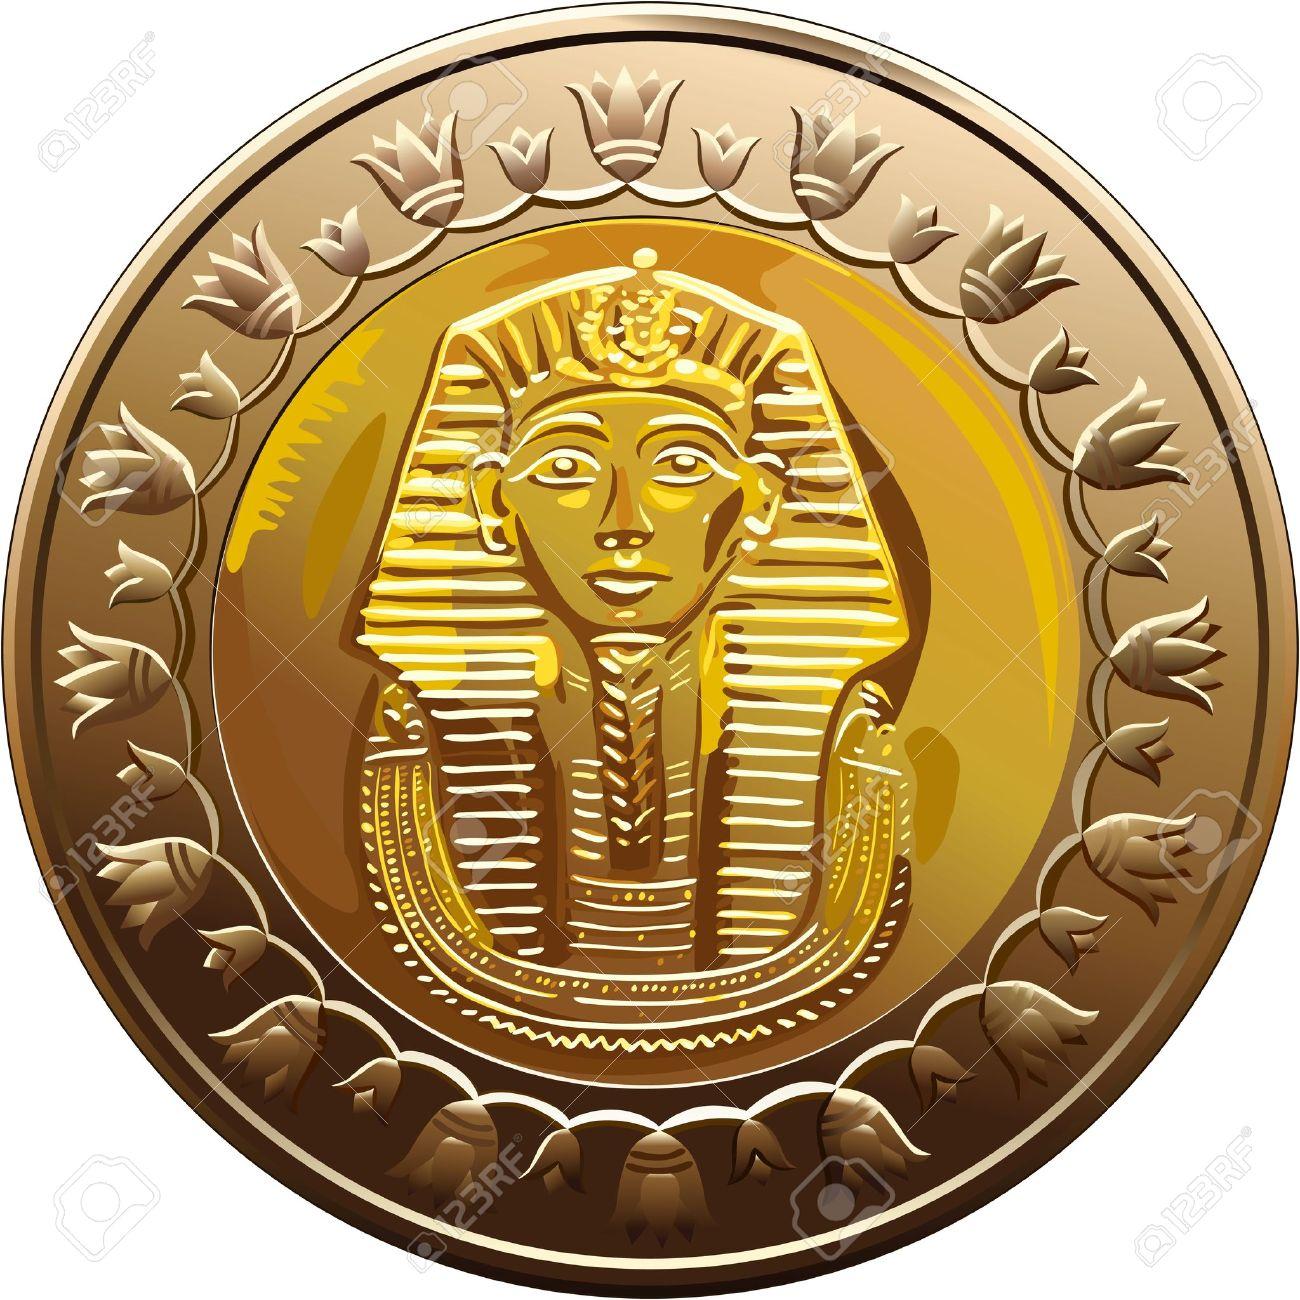 Arabische Republik ägypten 1 Pfund Münze Zeigt Den Pharao Tutanchamun